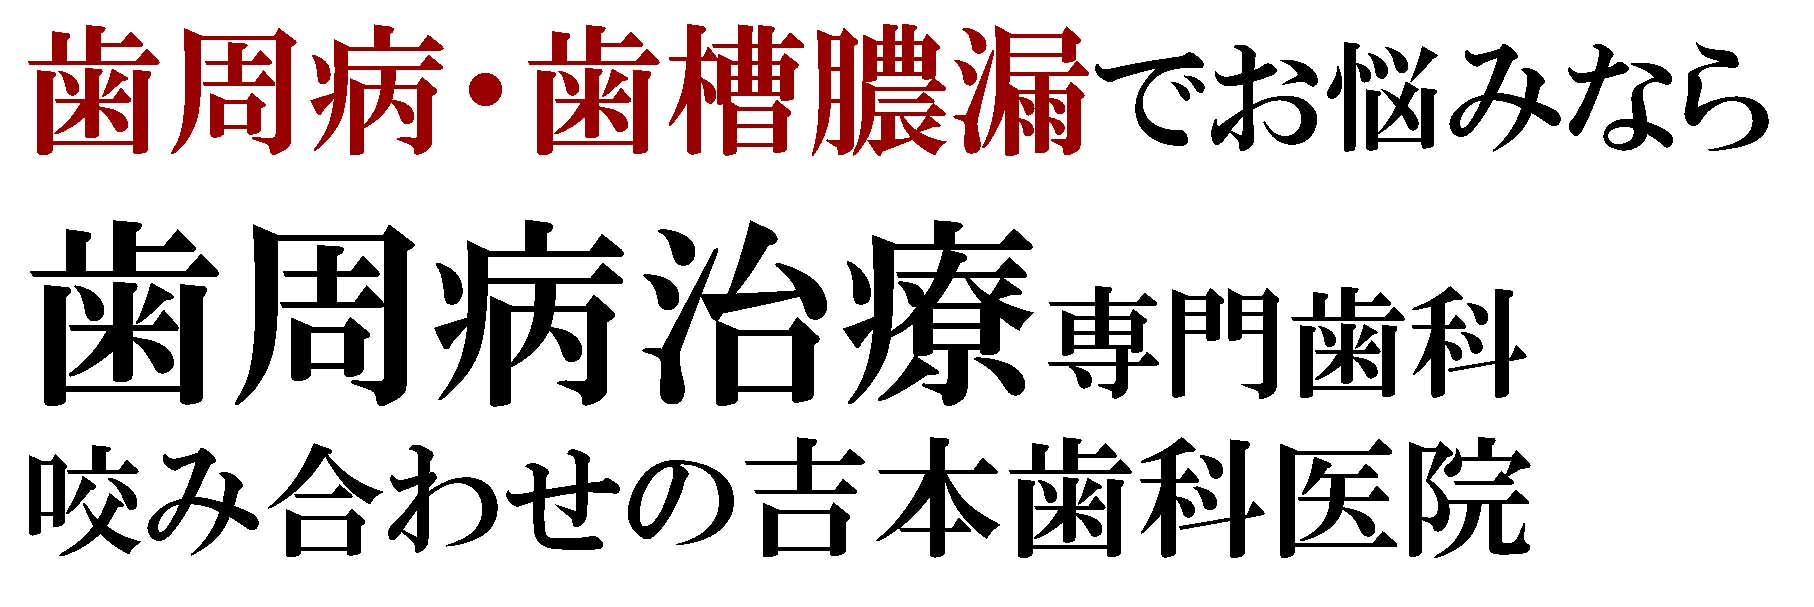 歯周病,歯槽膿漏治療,歯の予防治療なら香川県,高松市の吉本歯科医院